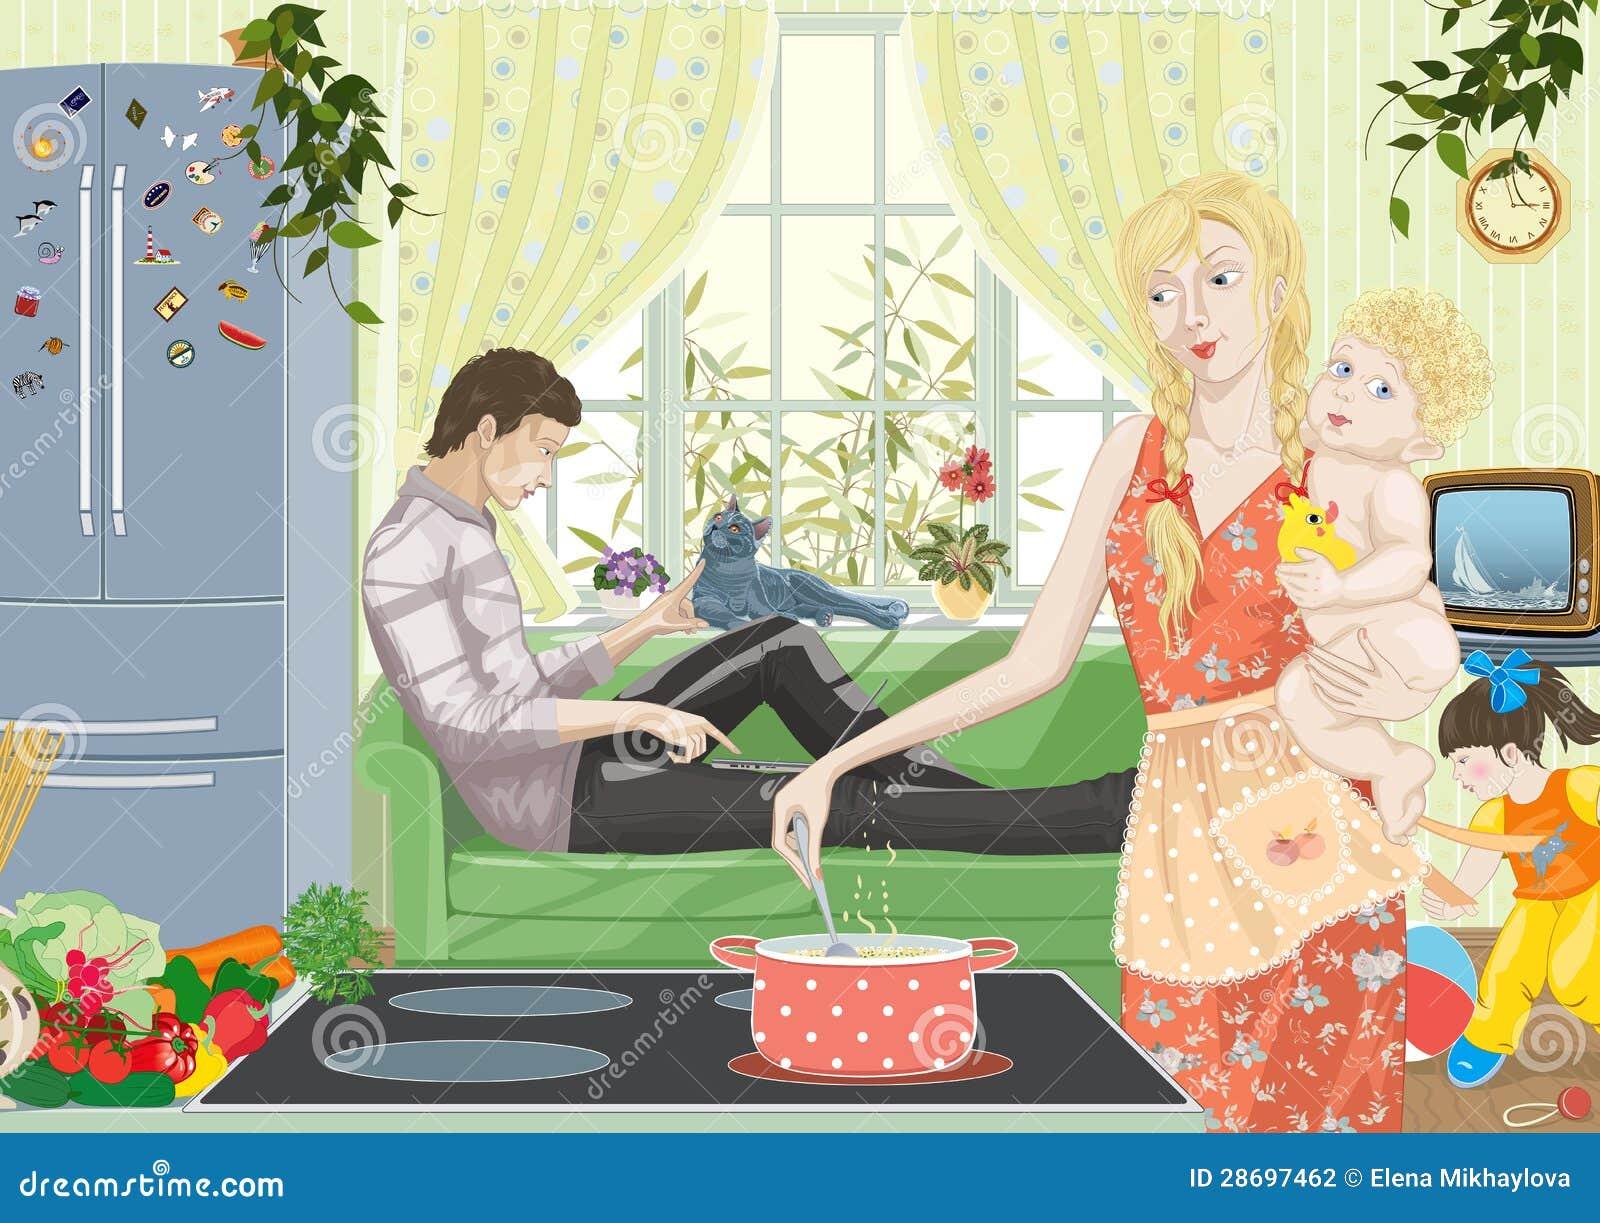 home life vector illustration 28697462. Black Bedroom Furniture Sets. Home Design Ideas